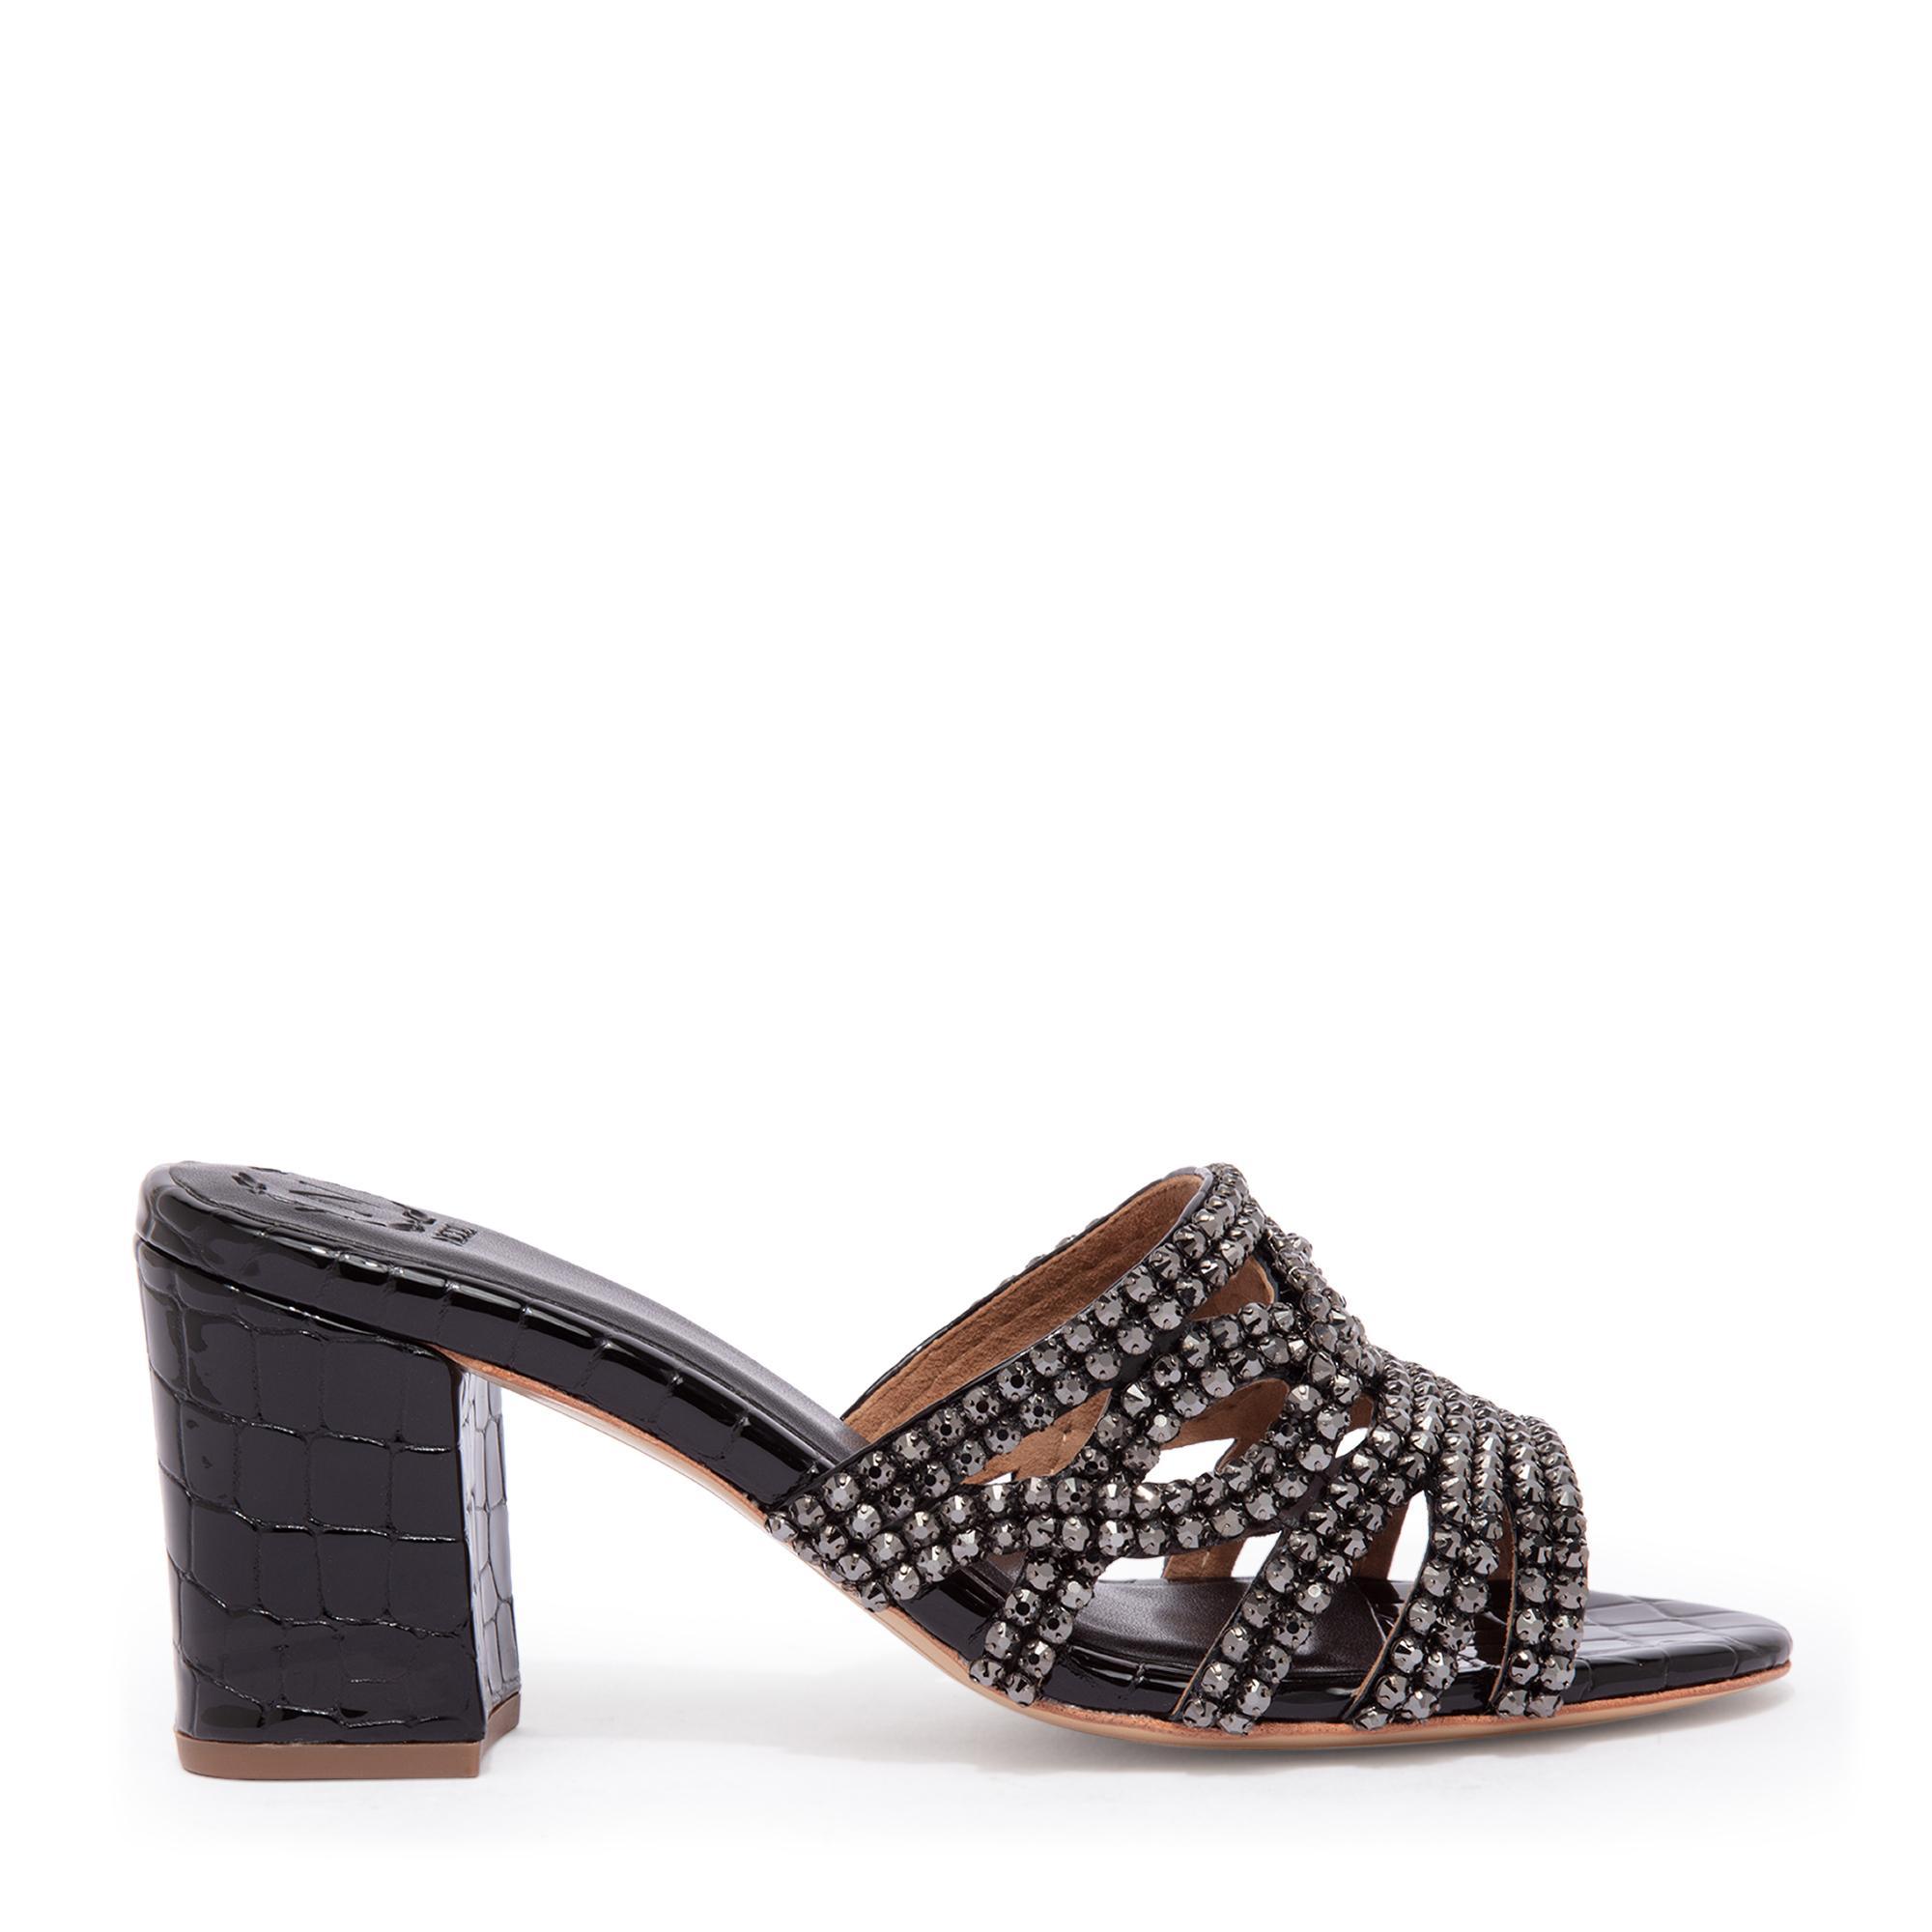 Talon sandals